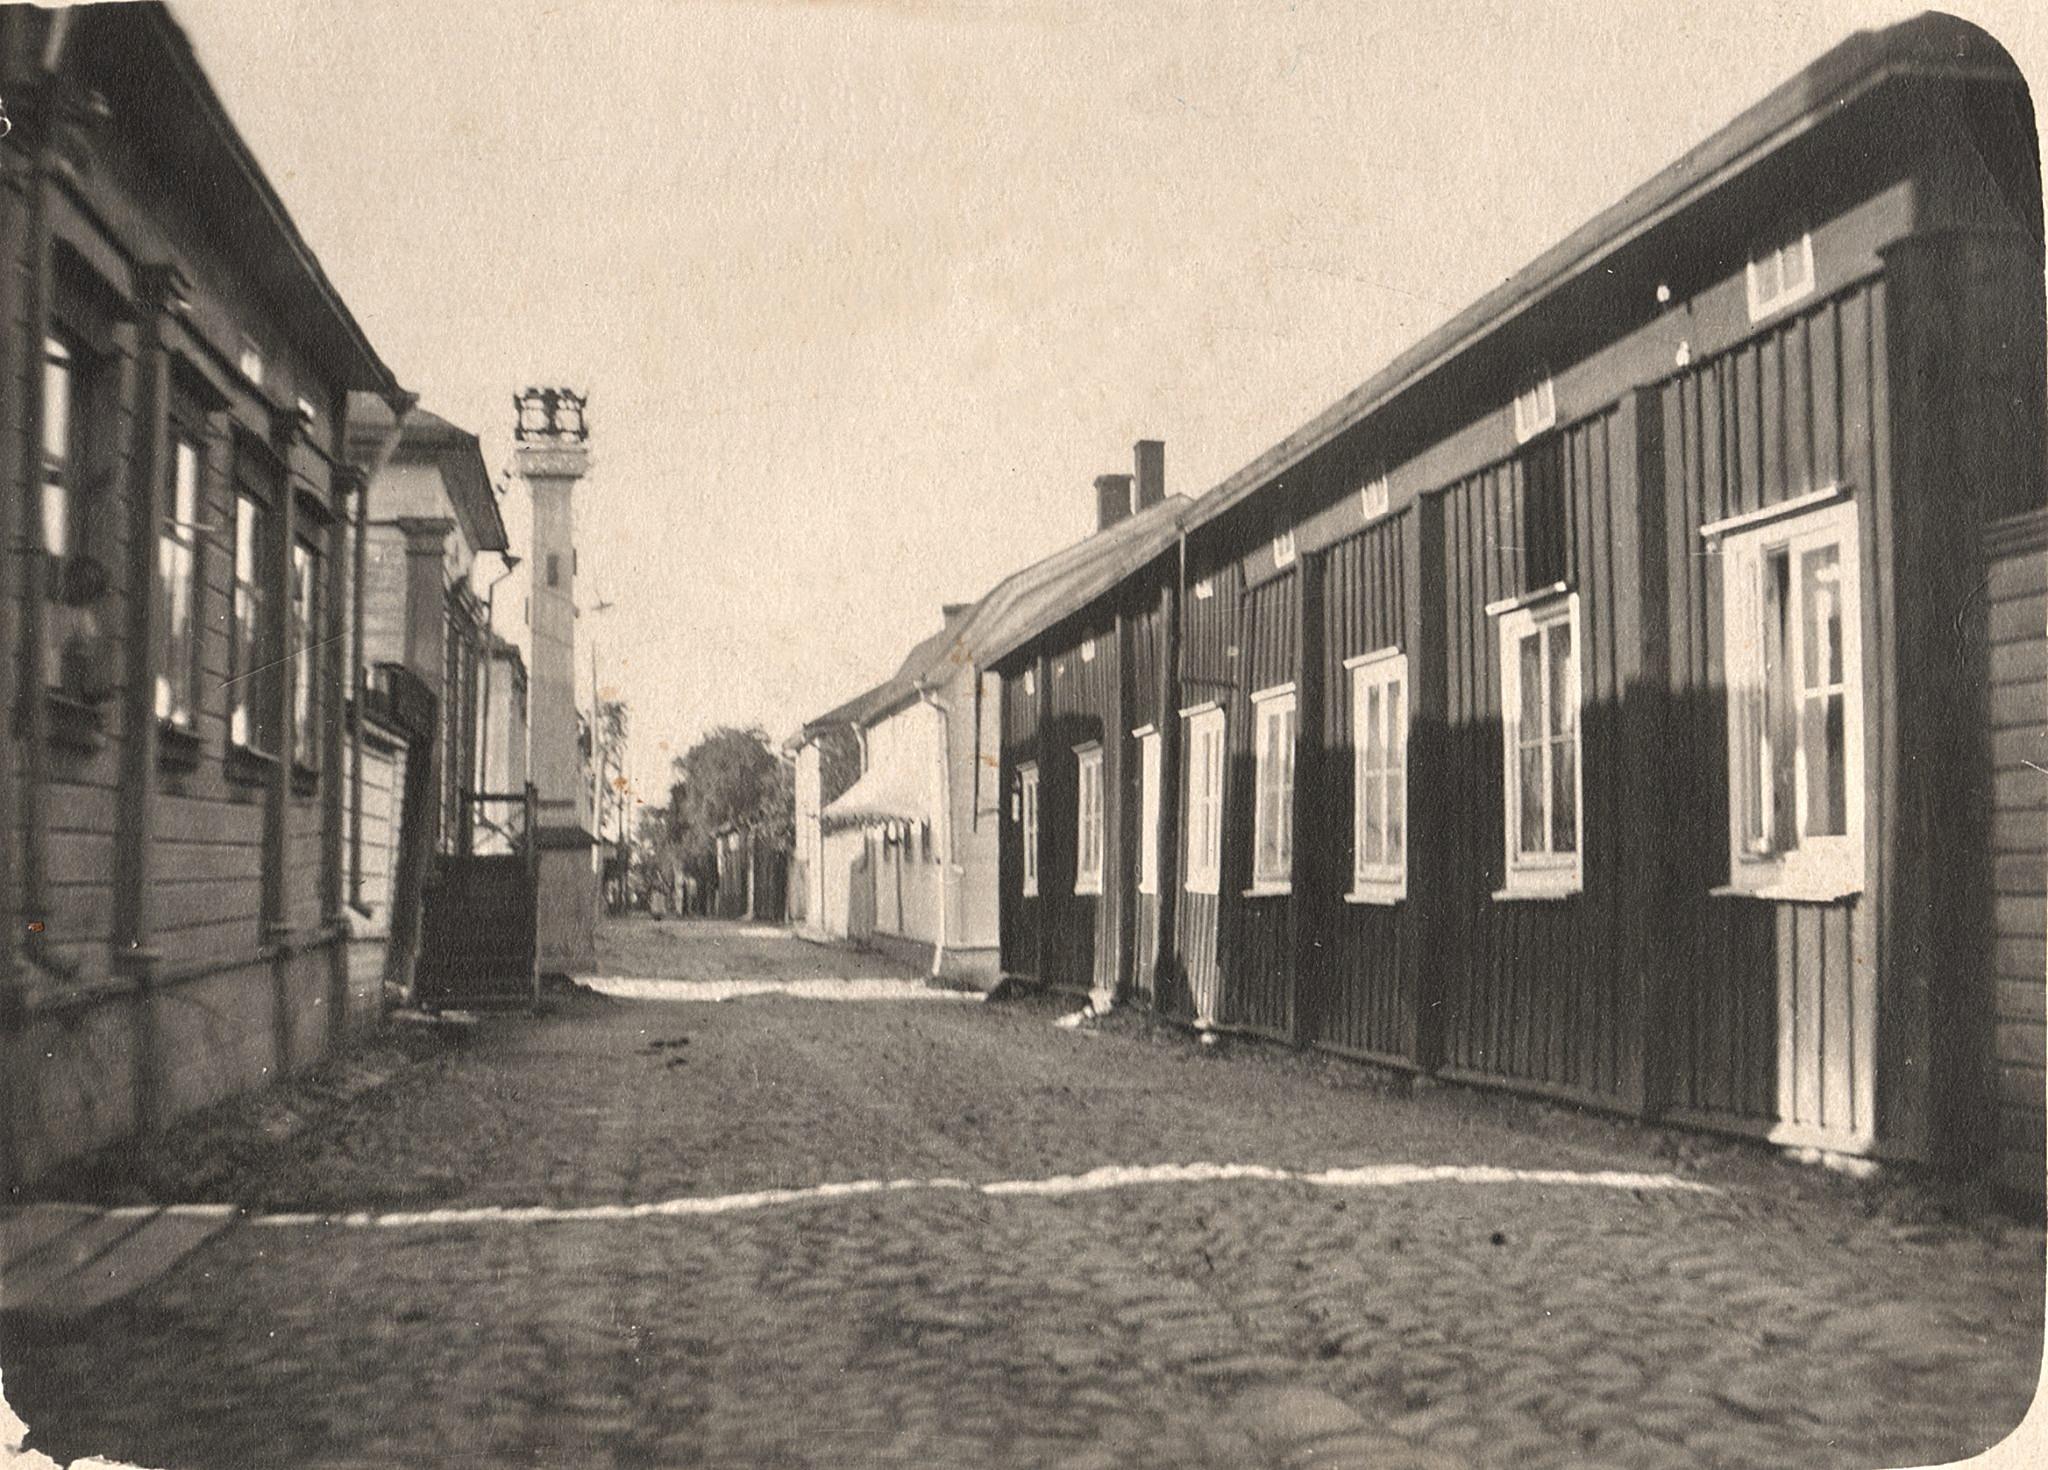 Där Östralånggatan korsar Skolgatan fanns tryckpunkten i Norrstan. Det var alltså härifrån som man reglerade gatubelysningen. (Juhani Saaris foto).